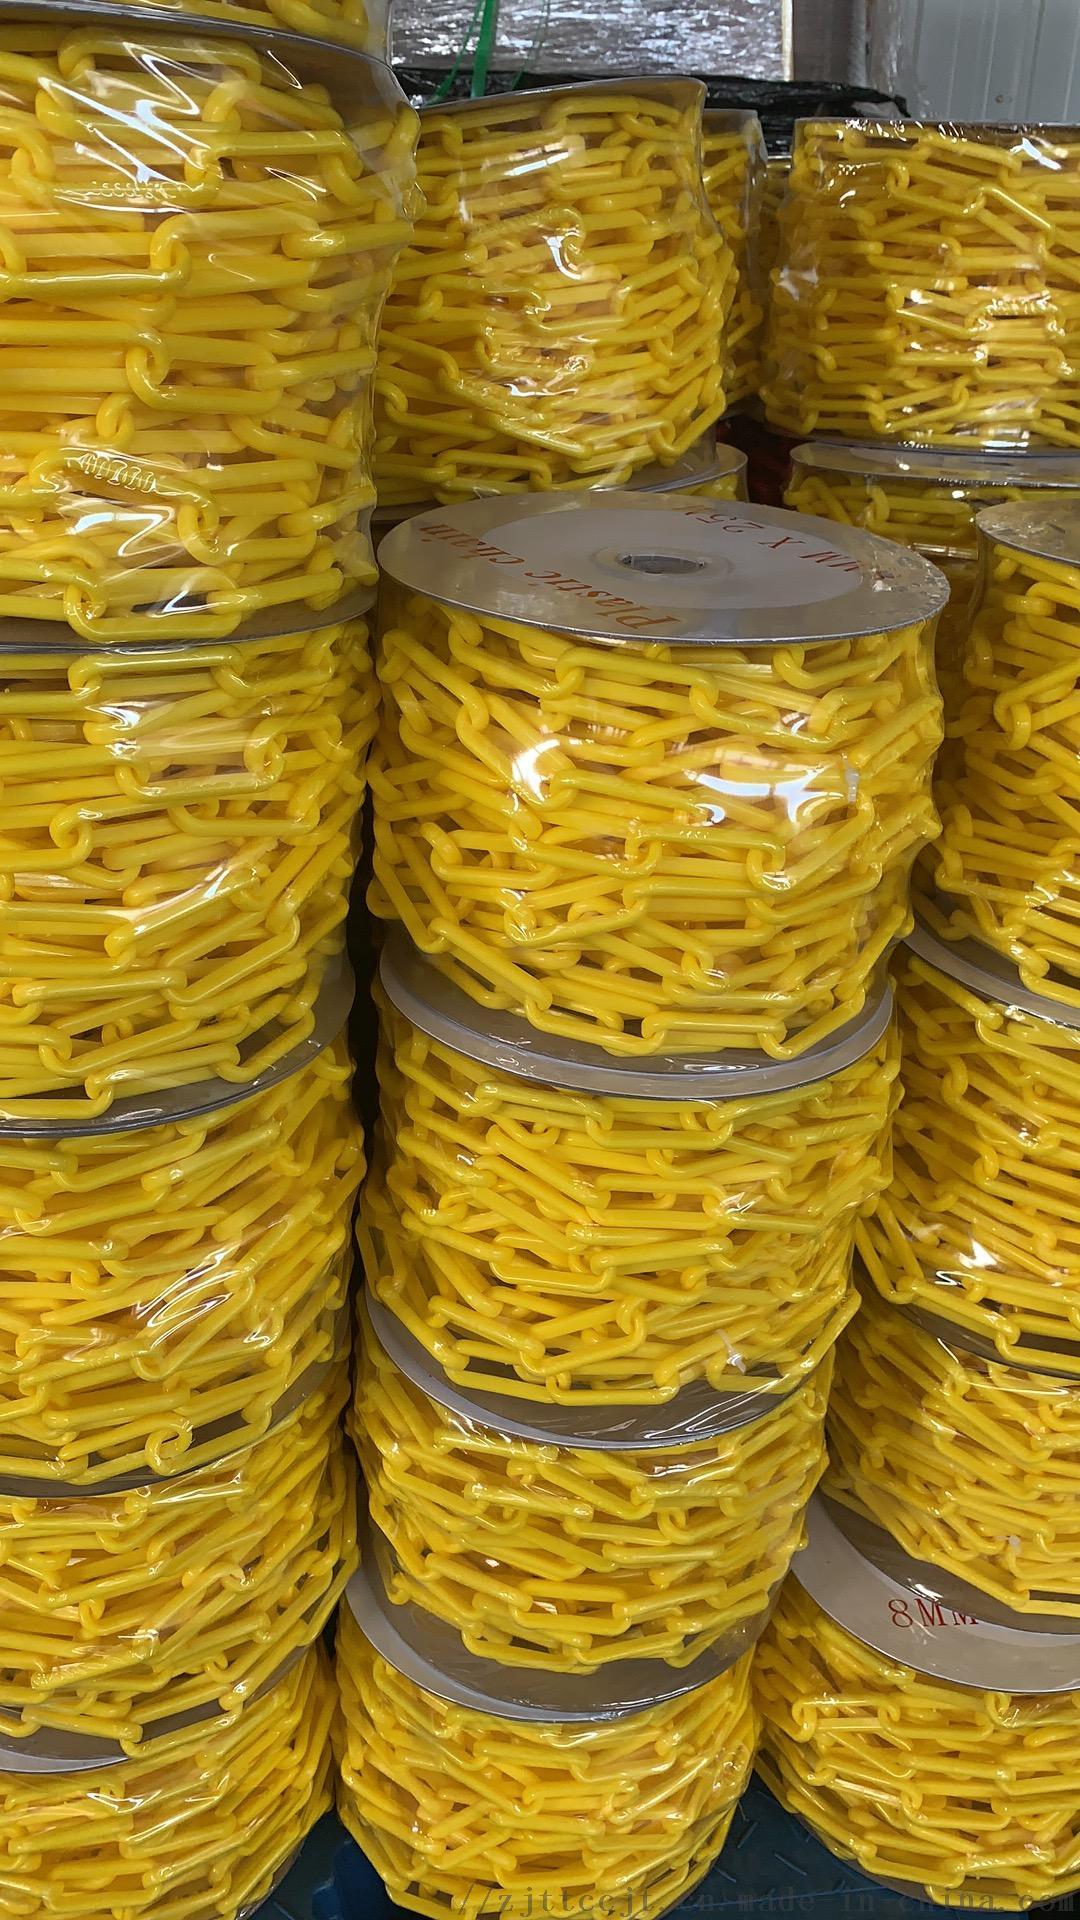 交通塑料链子链条封闭 示红白路锥塑胶安全工业扣环939567285